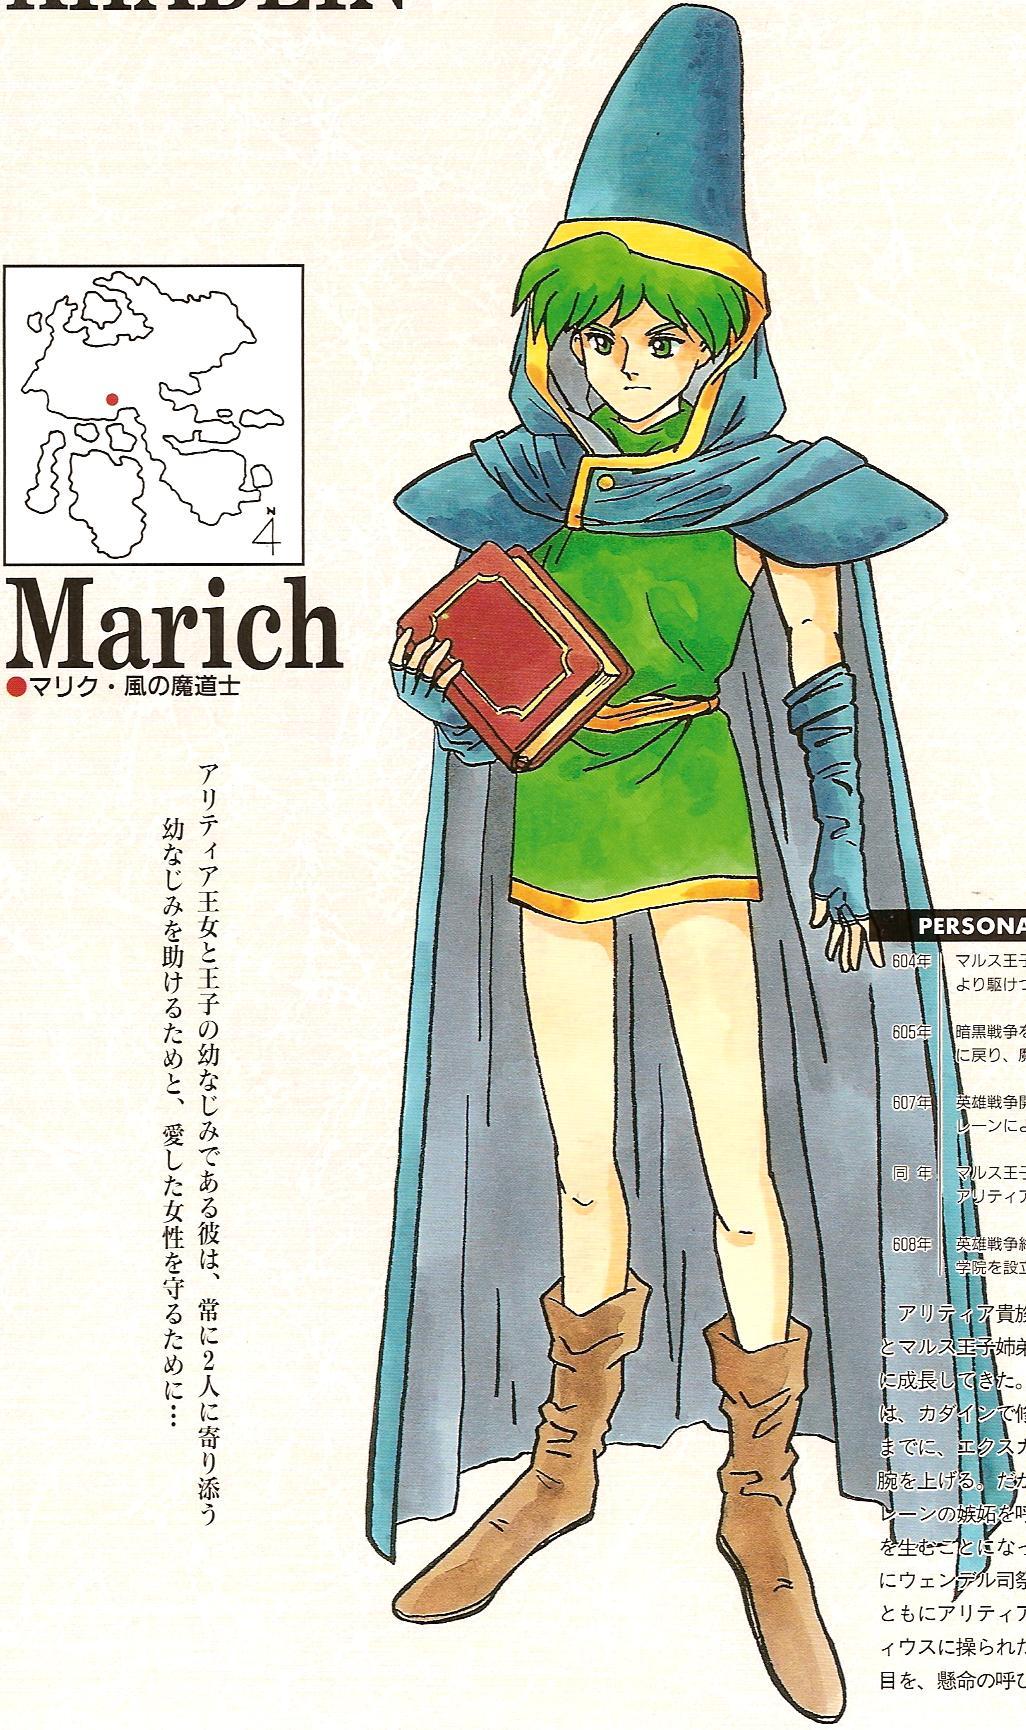 Marich